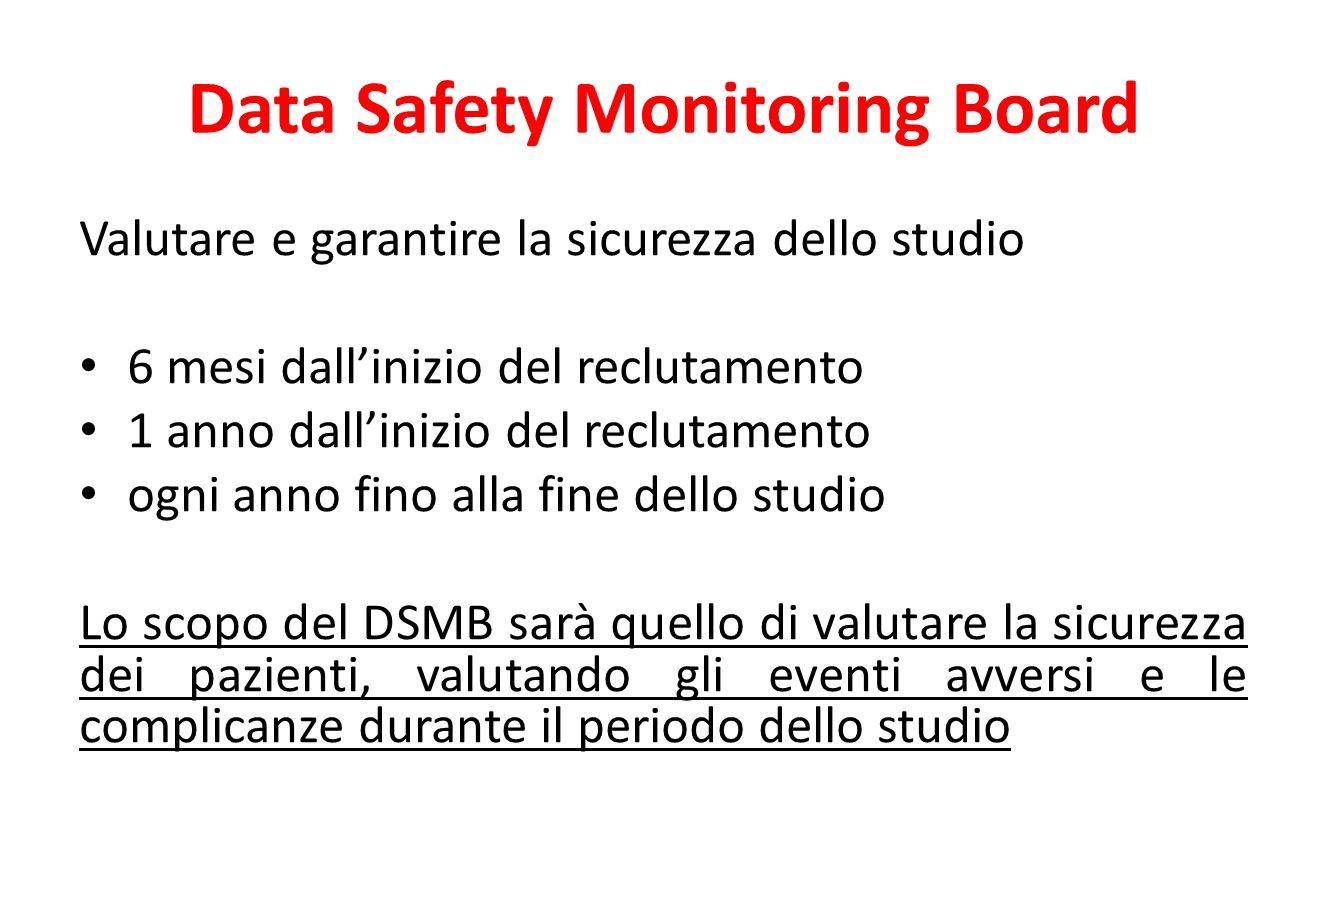 Data Safety Monitoring Board Valutare e garantire la sicurezza dello studio 6 mesi dall'inizio del reclutamento 1 anno dall'inizio del reclutamento ogni anno fino alla fine dello studio Lo scopo del DSMB sarà quello di valutare la sicurezza dei pazienti, valutando gli eventi avversi e le complicanze durante il periodo dello studio